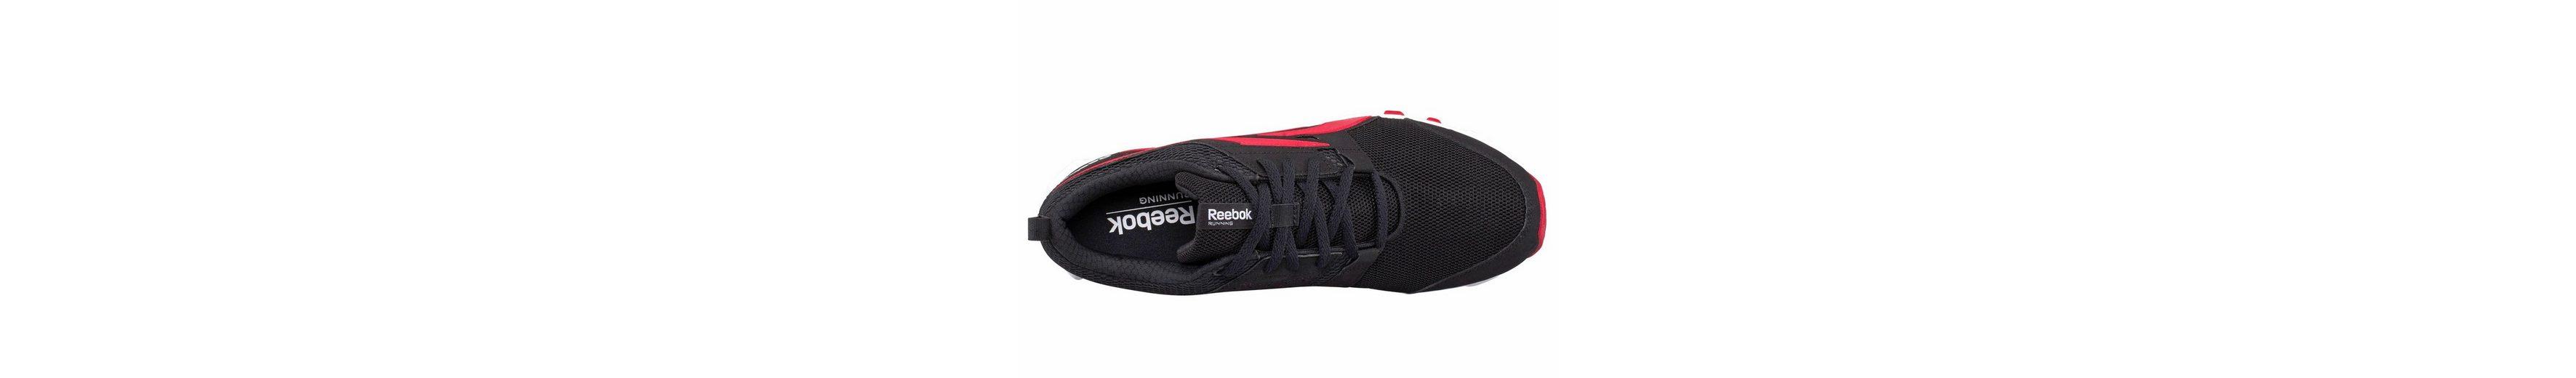 Reebok Hexaffect Sport Laufschuh Amazon Kaufen Freies Verschiffen Austrittsstellen Shop-Angebot Hohe Qualität Günstig Online DTMin4F